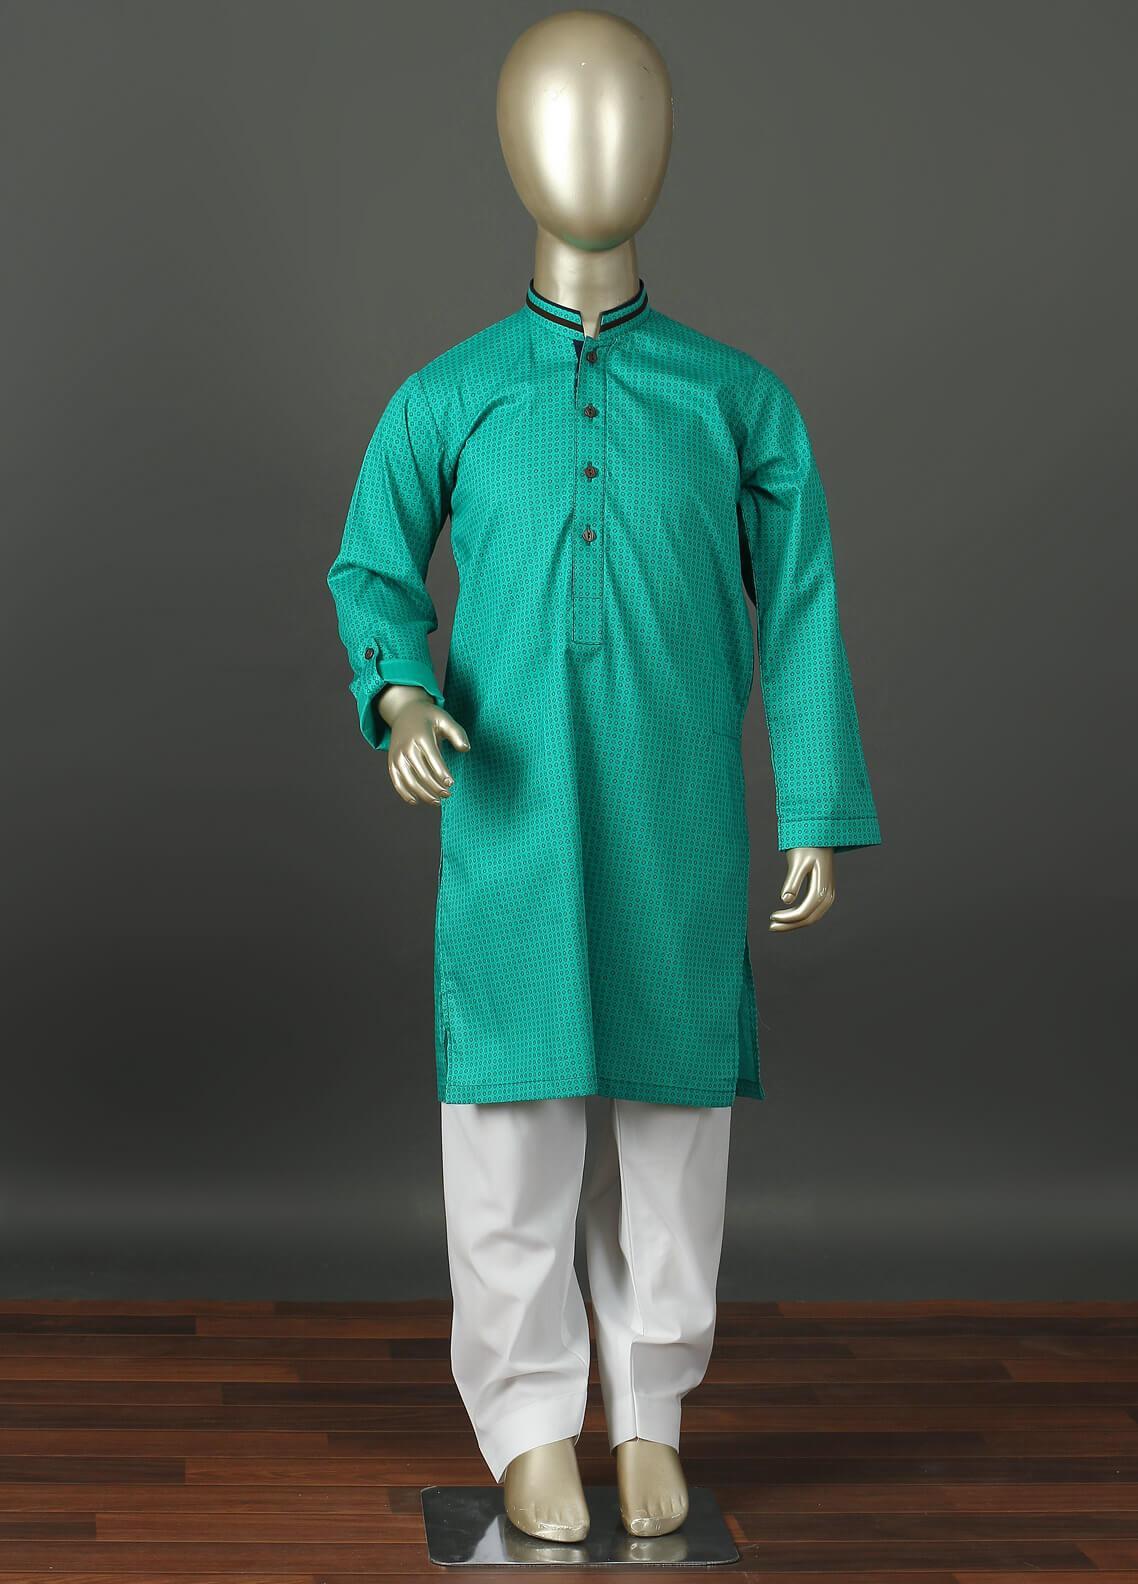 Aizaz Zafar Cotton Formal Boys Kurta Shalwar -  220 Green